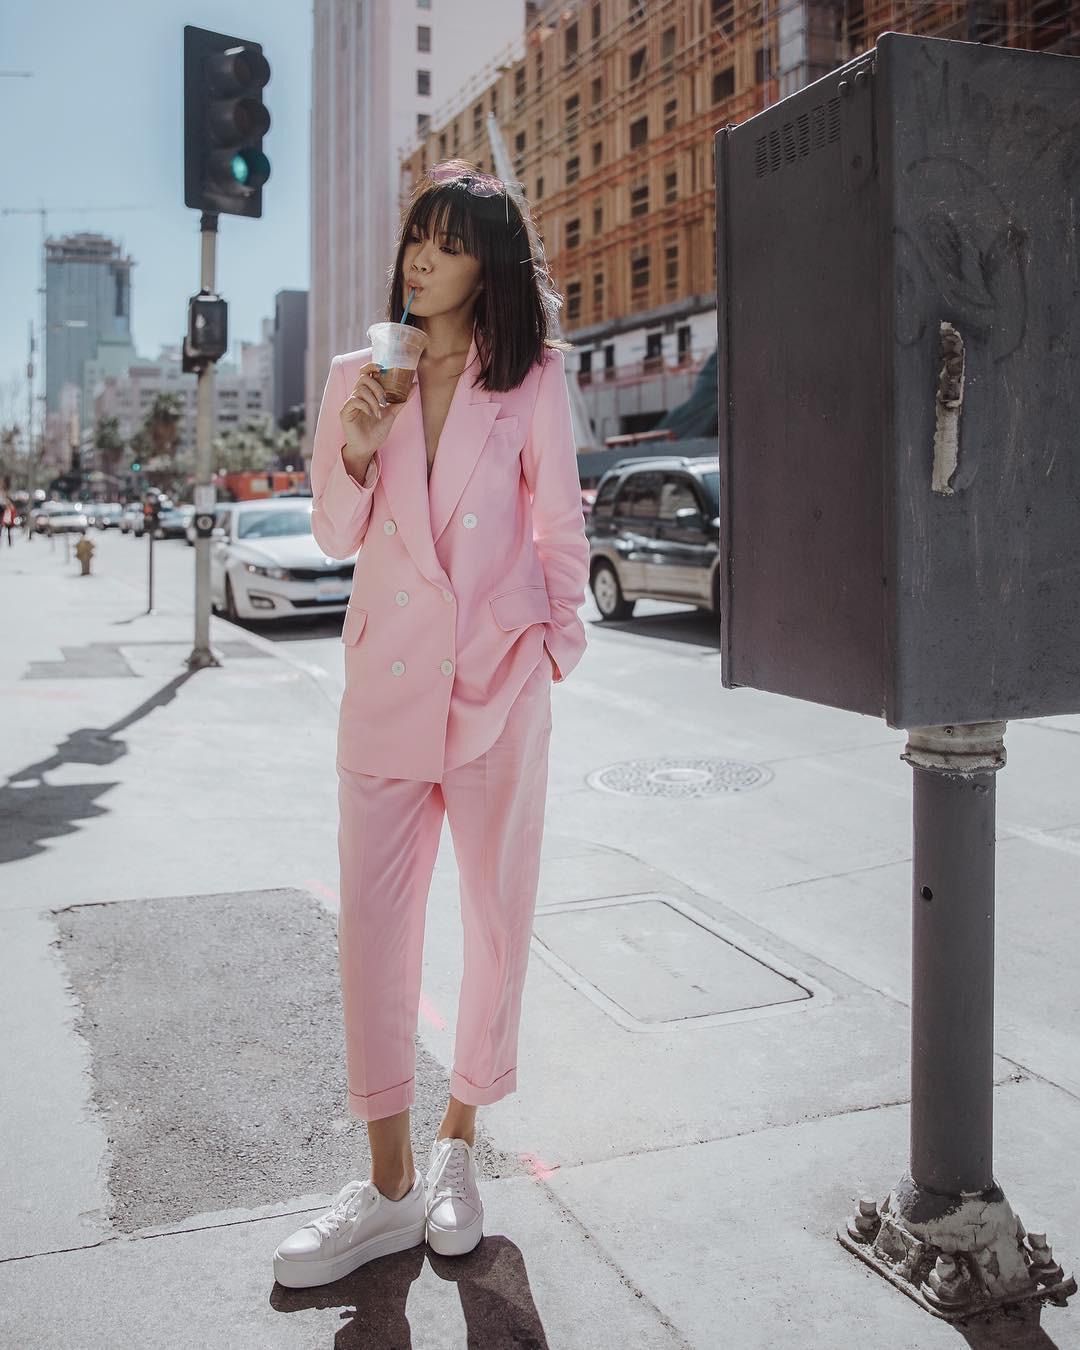 5 bí kíp ăn mặc giúp phụ nữ sở hữu phong cách thời thượng, sang trọng và nổi bật trong dịp Tết - Ảnh 3